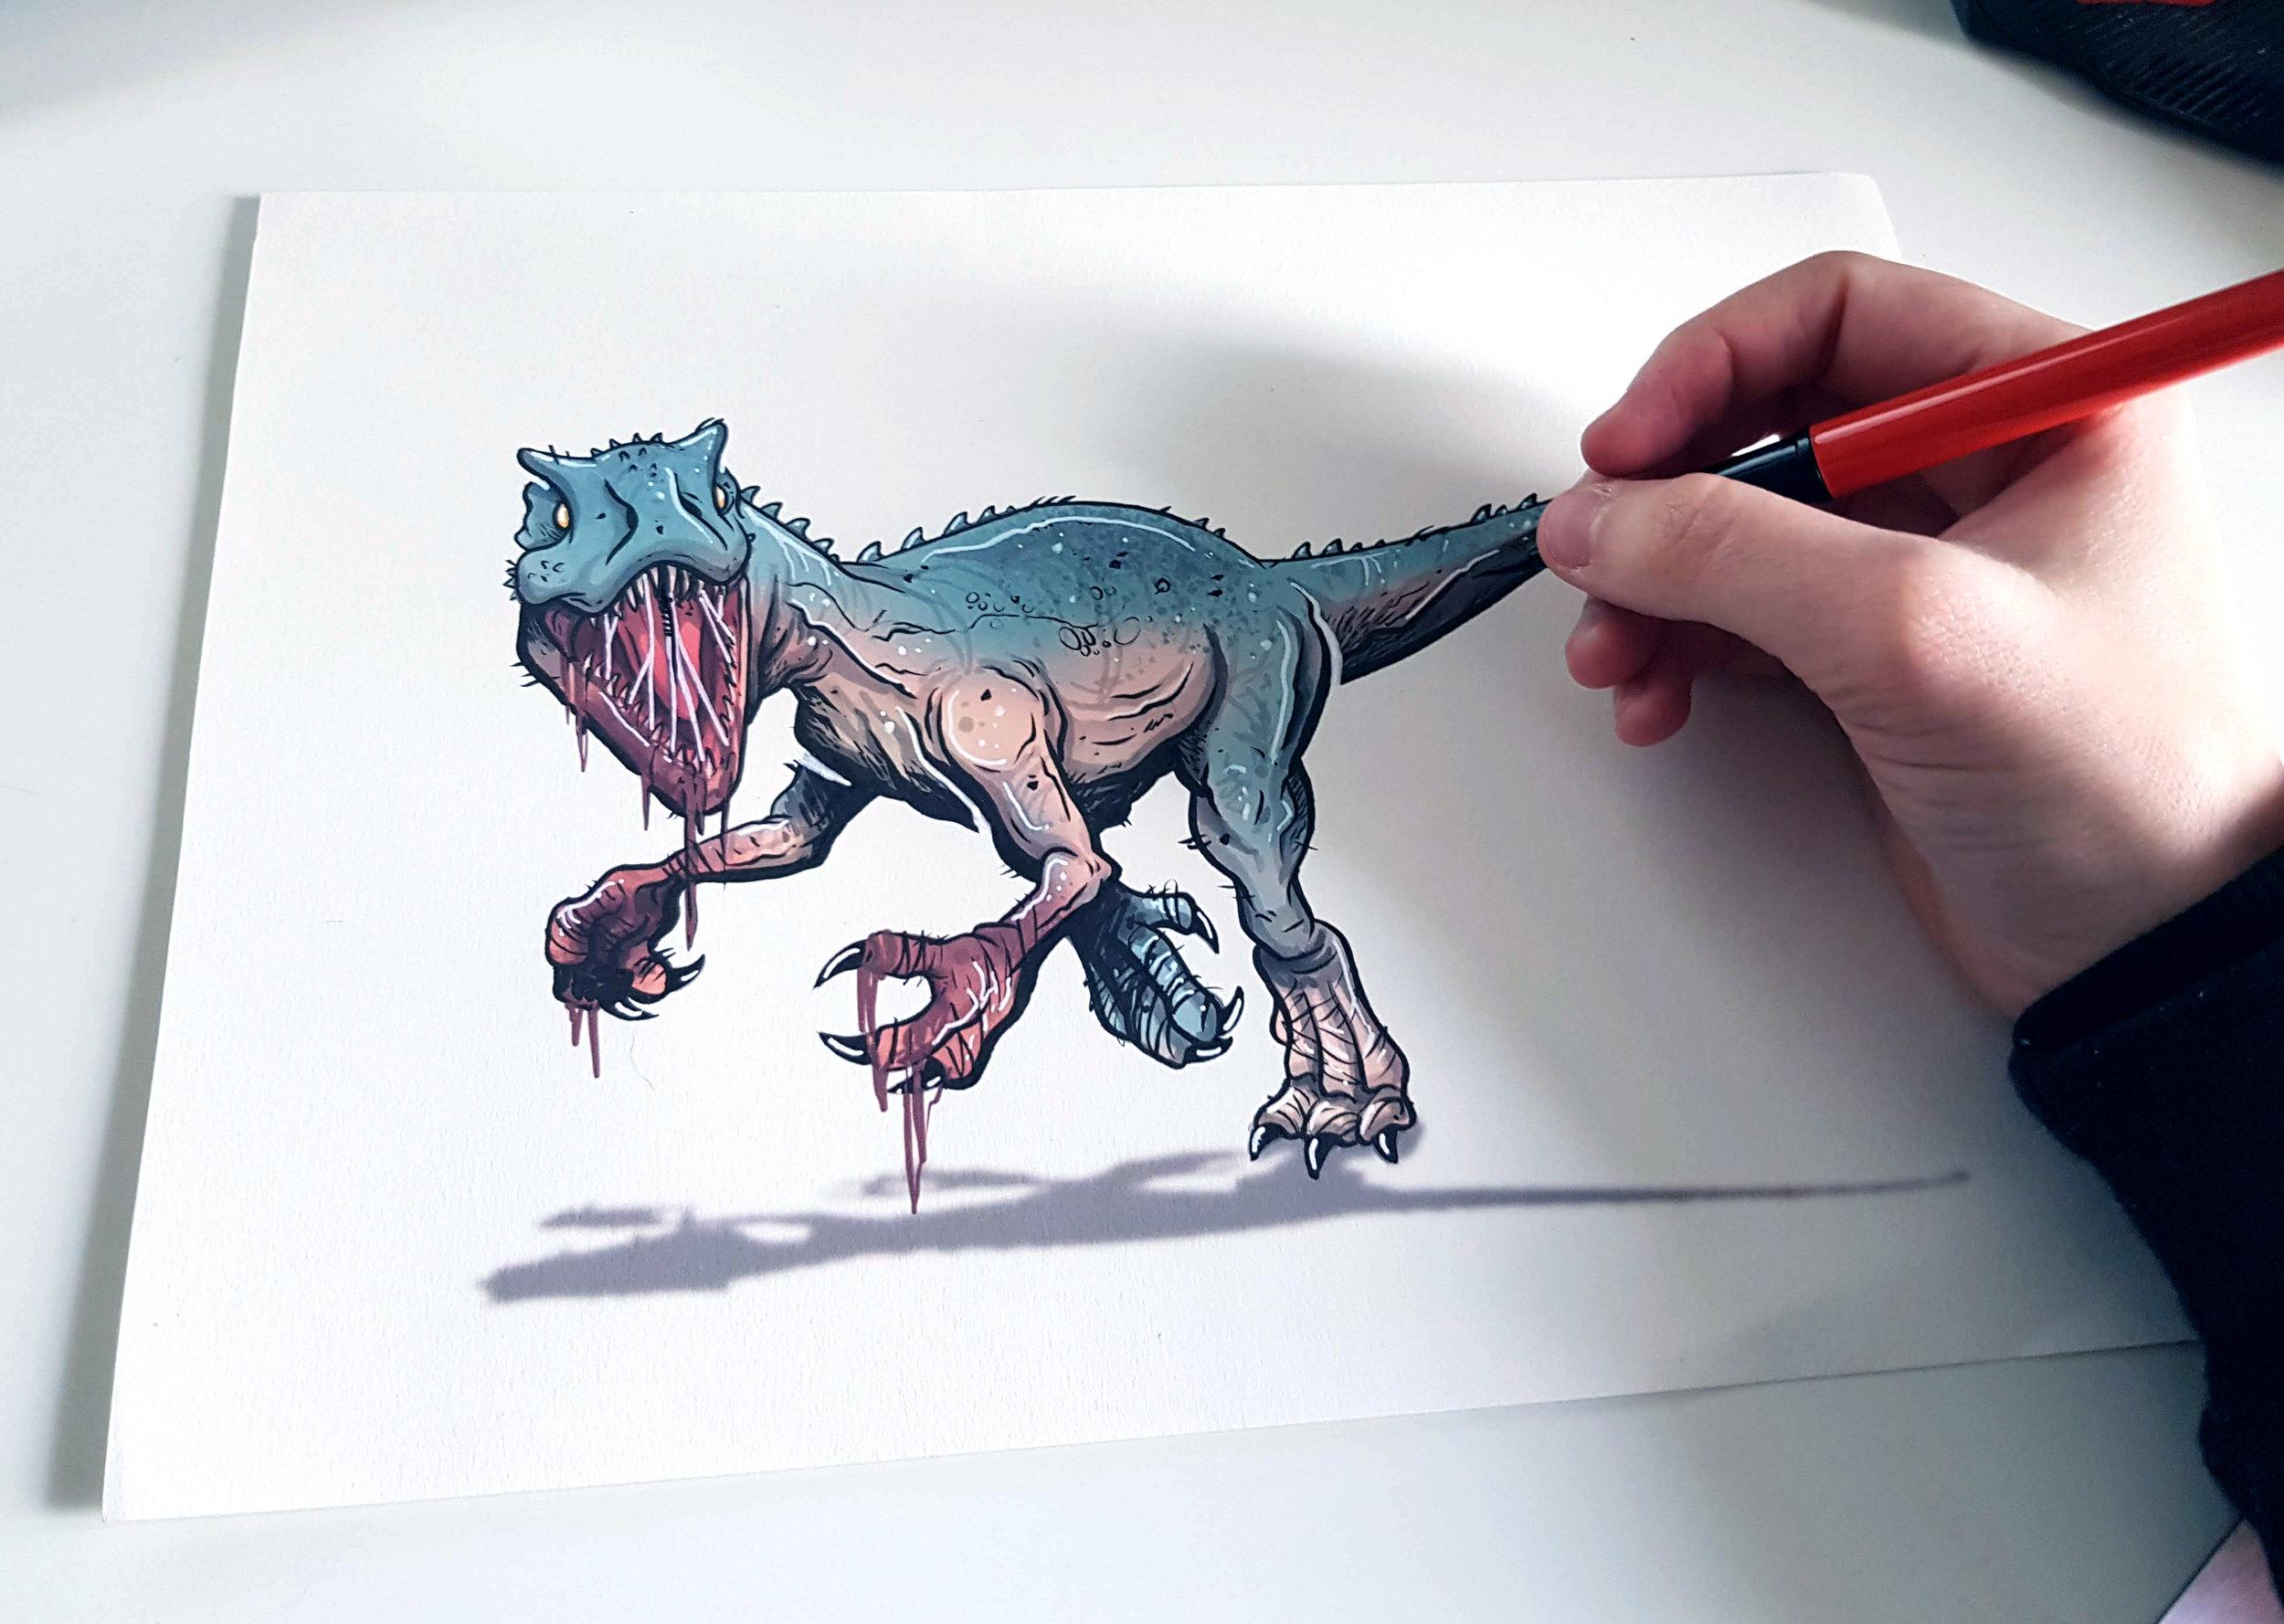 Allosaurus_marker_sketch.jpg